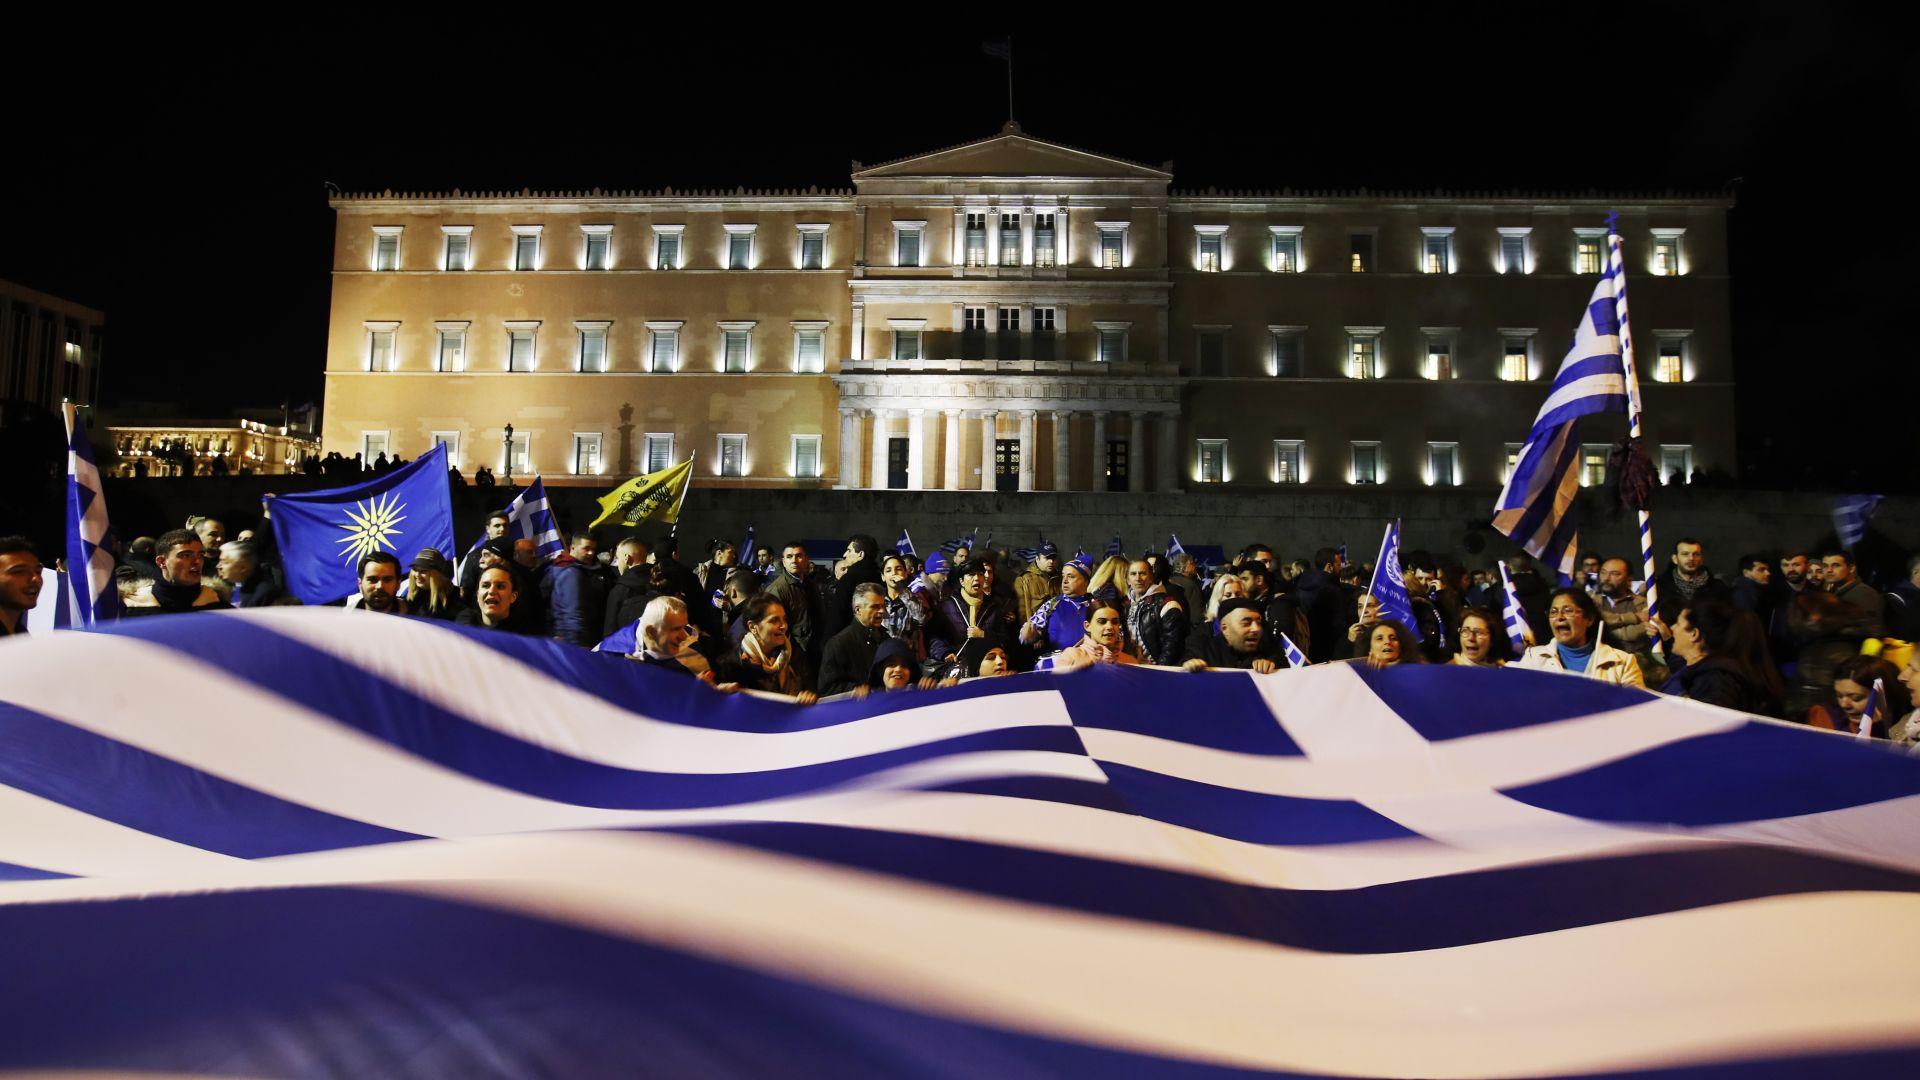 Полицията разпръсна протестиращите пред парламента в Атина  (снимки)